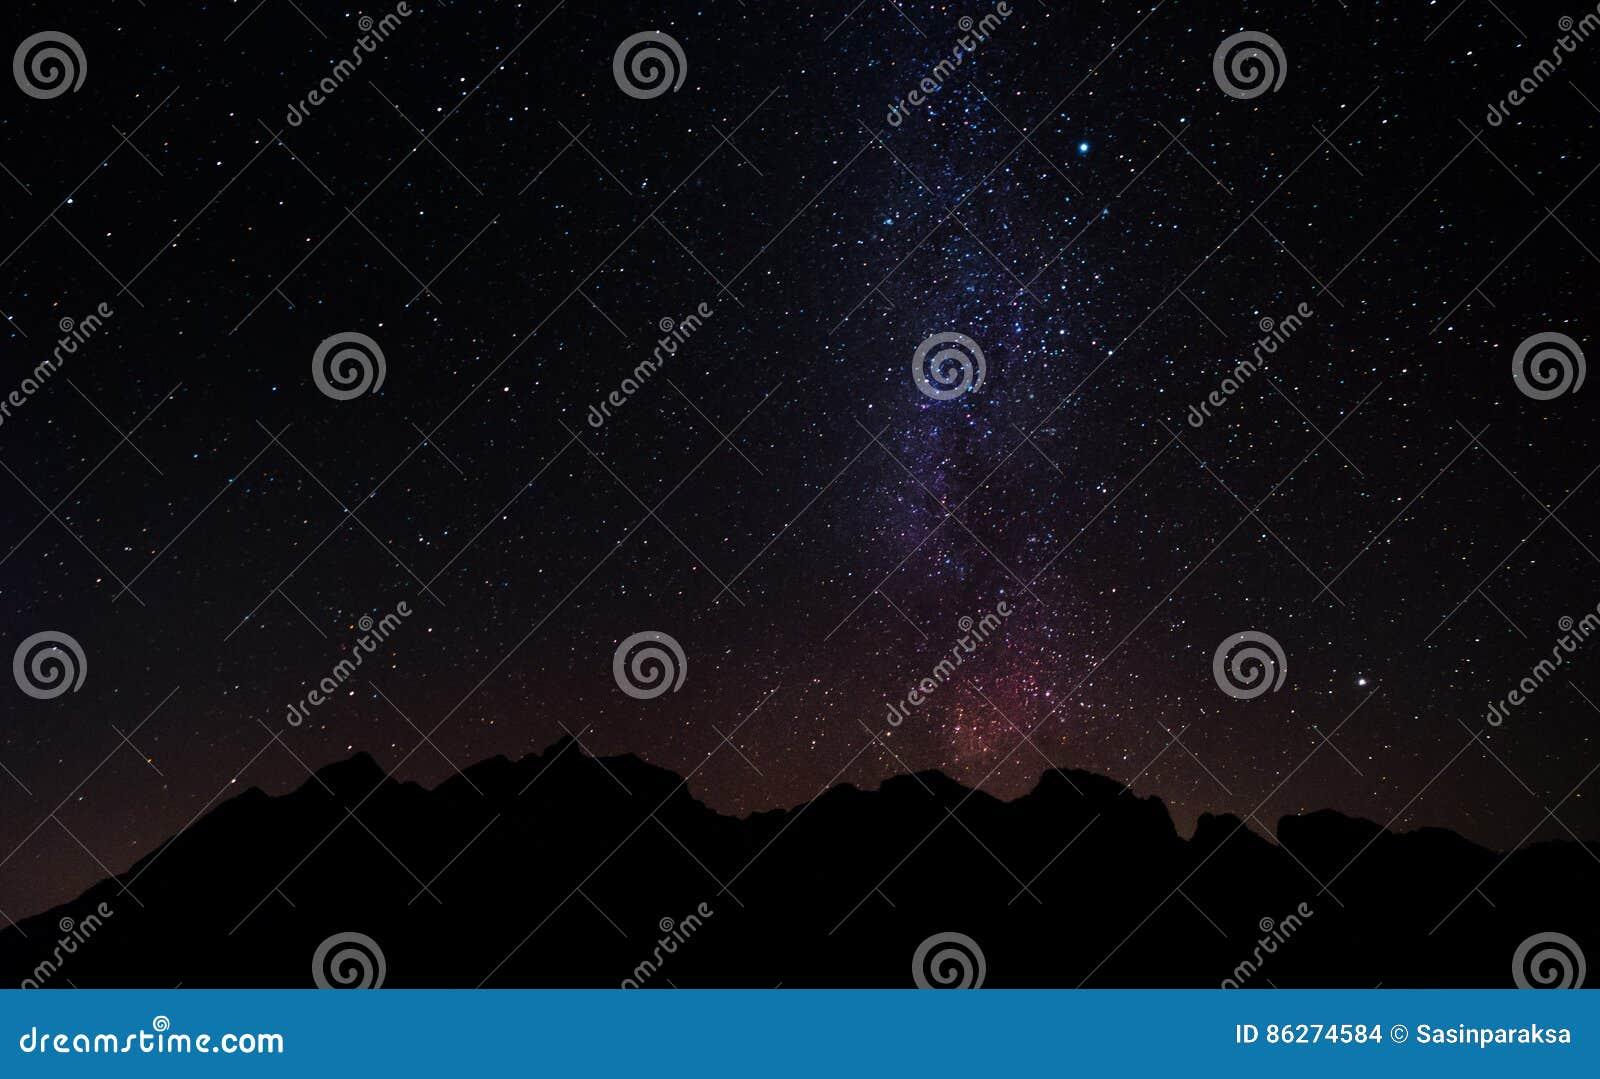 Mostre em silhueta o pico de montanha na noite com o céu completo das estrelas e da Via Látea